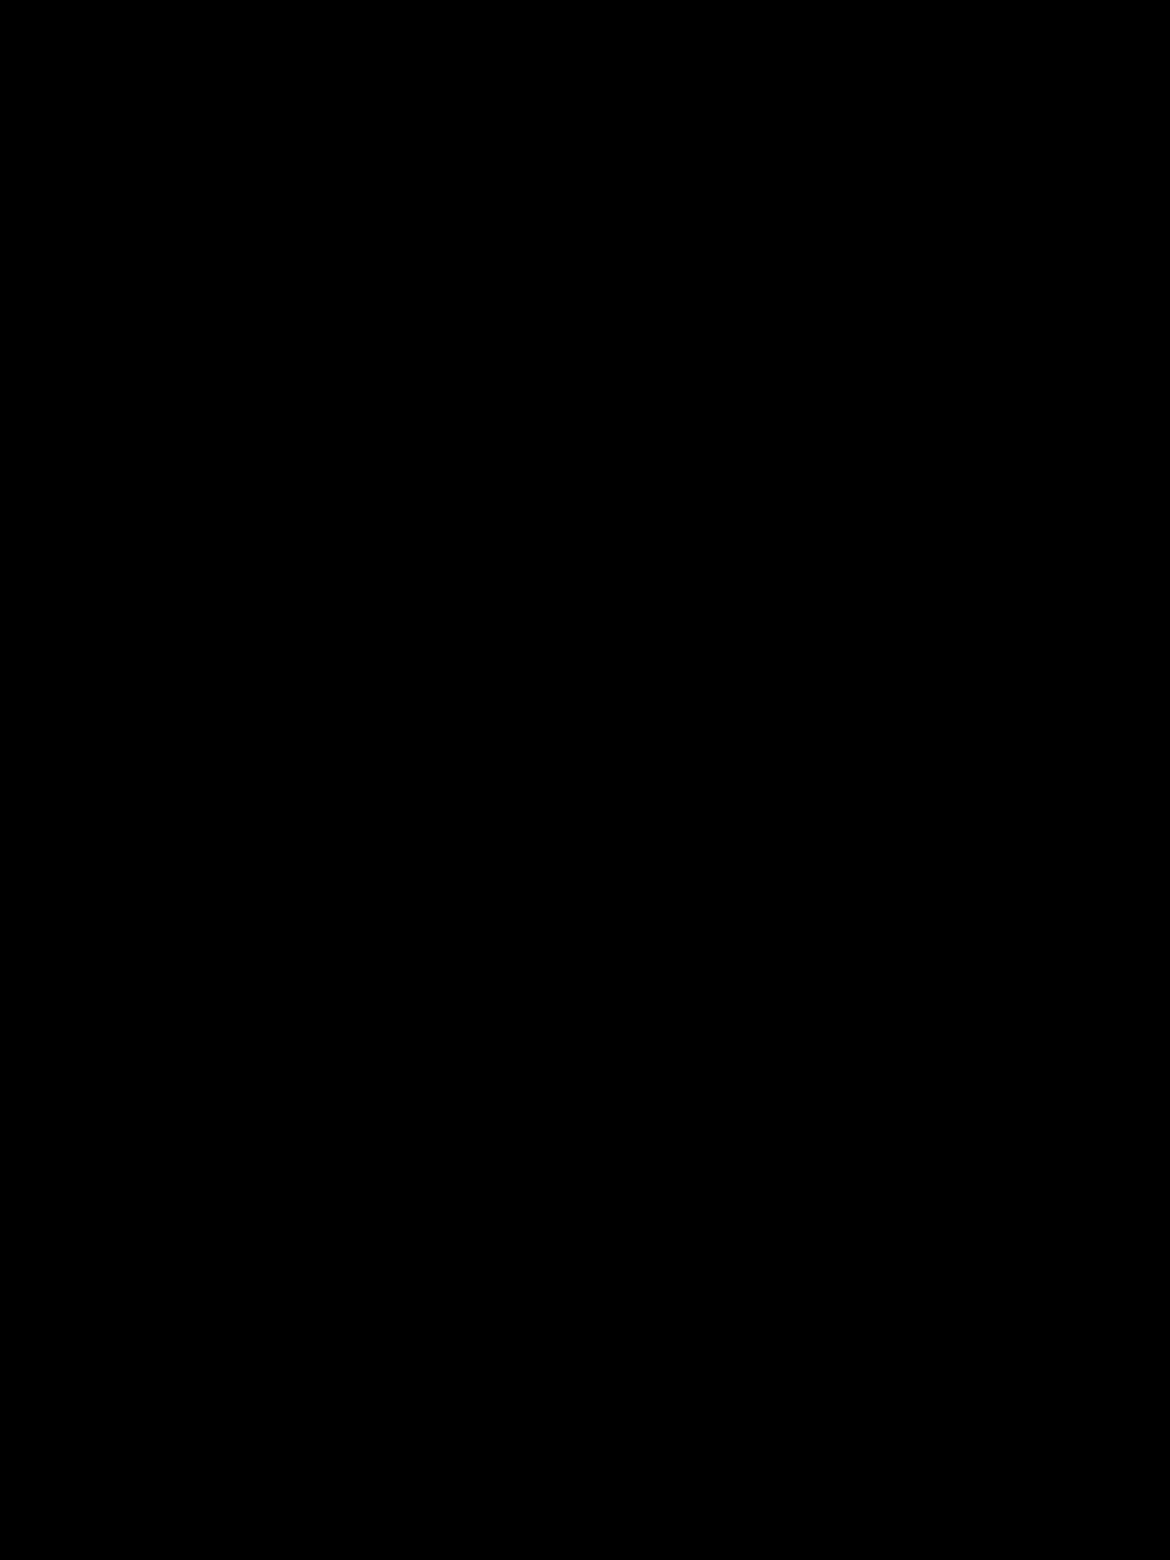 Come indossare il piumino invernale